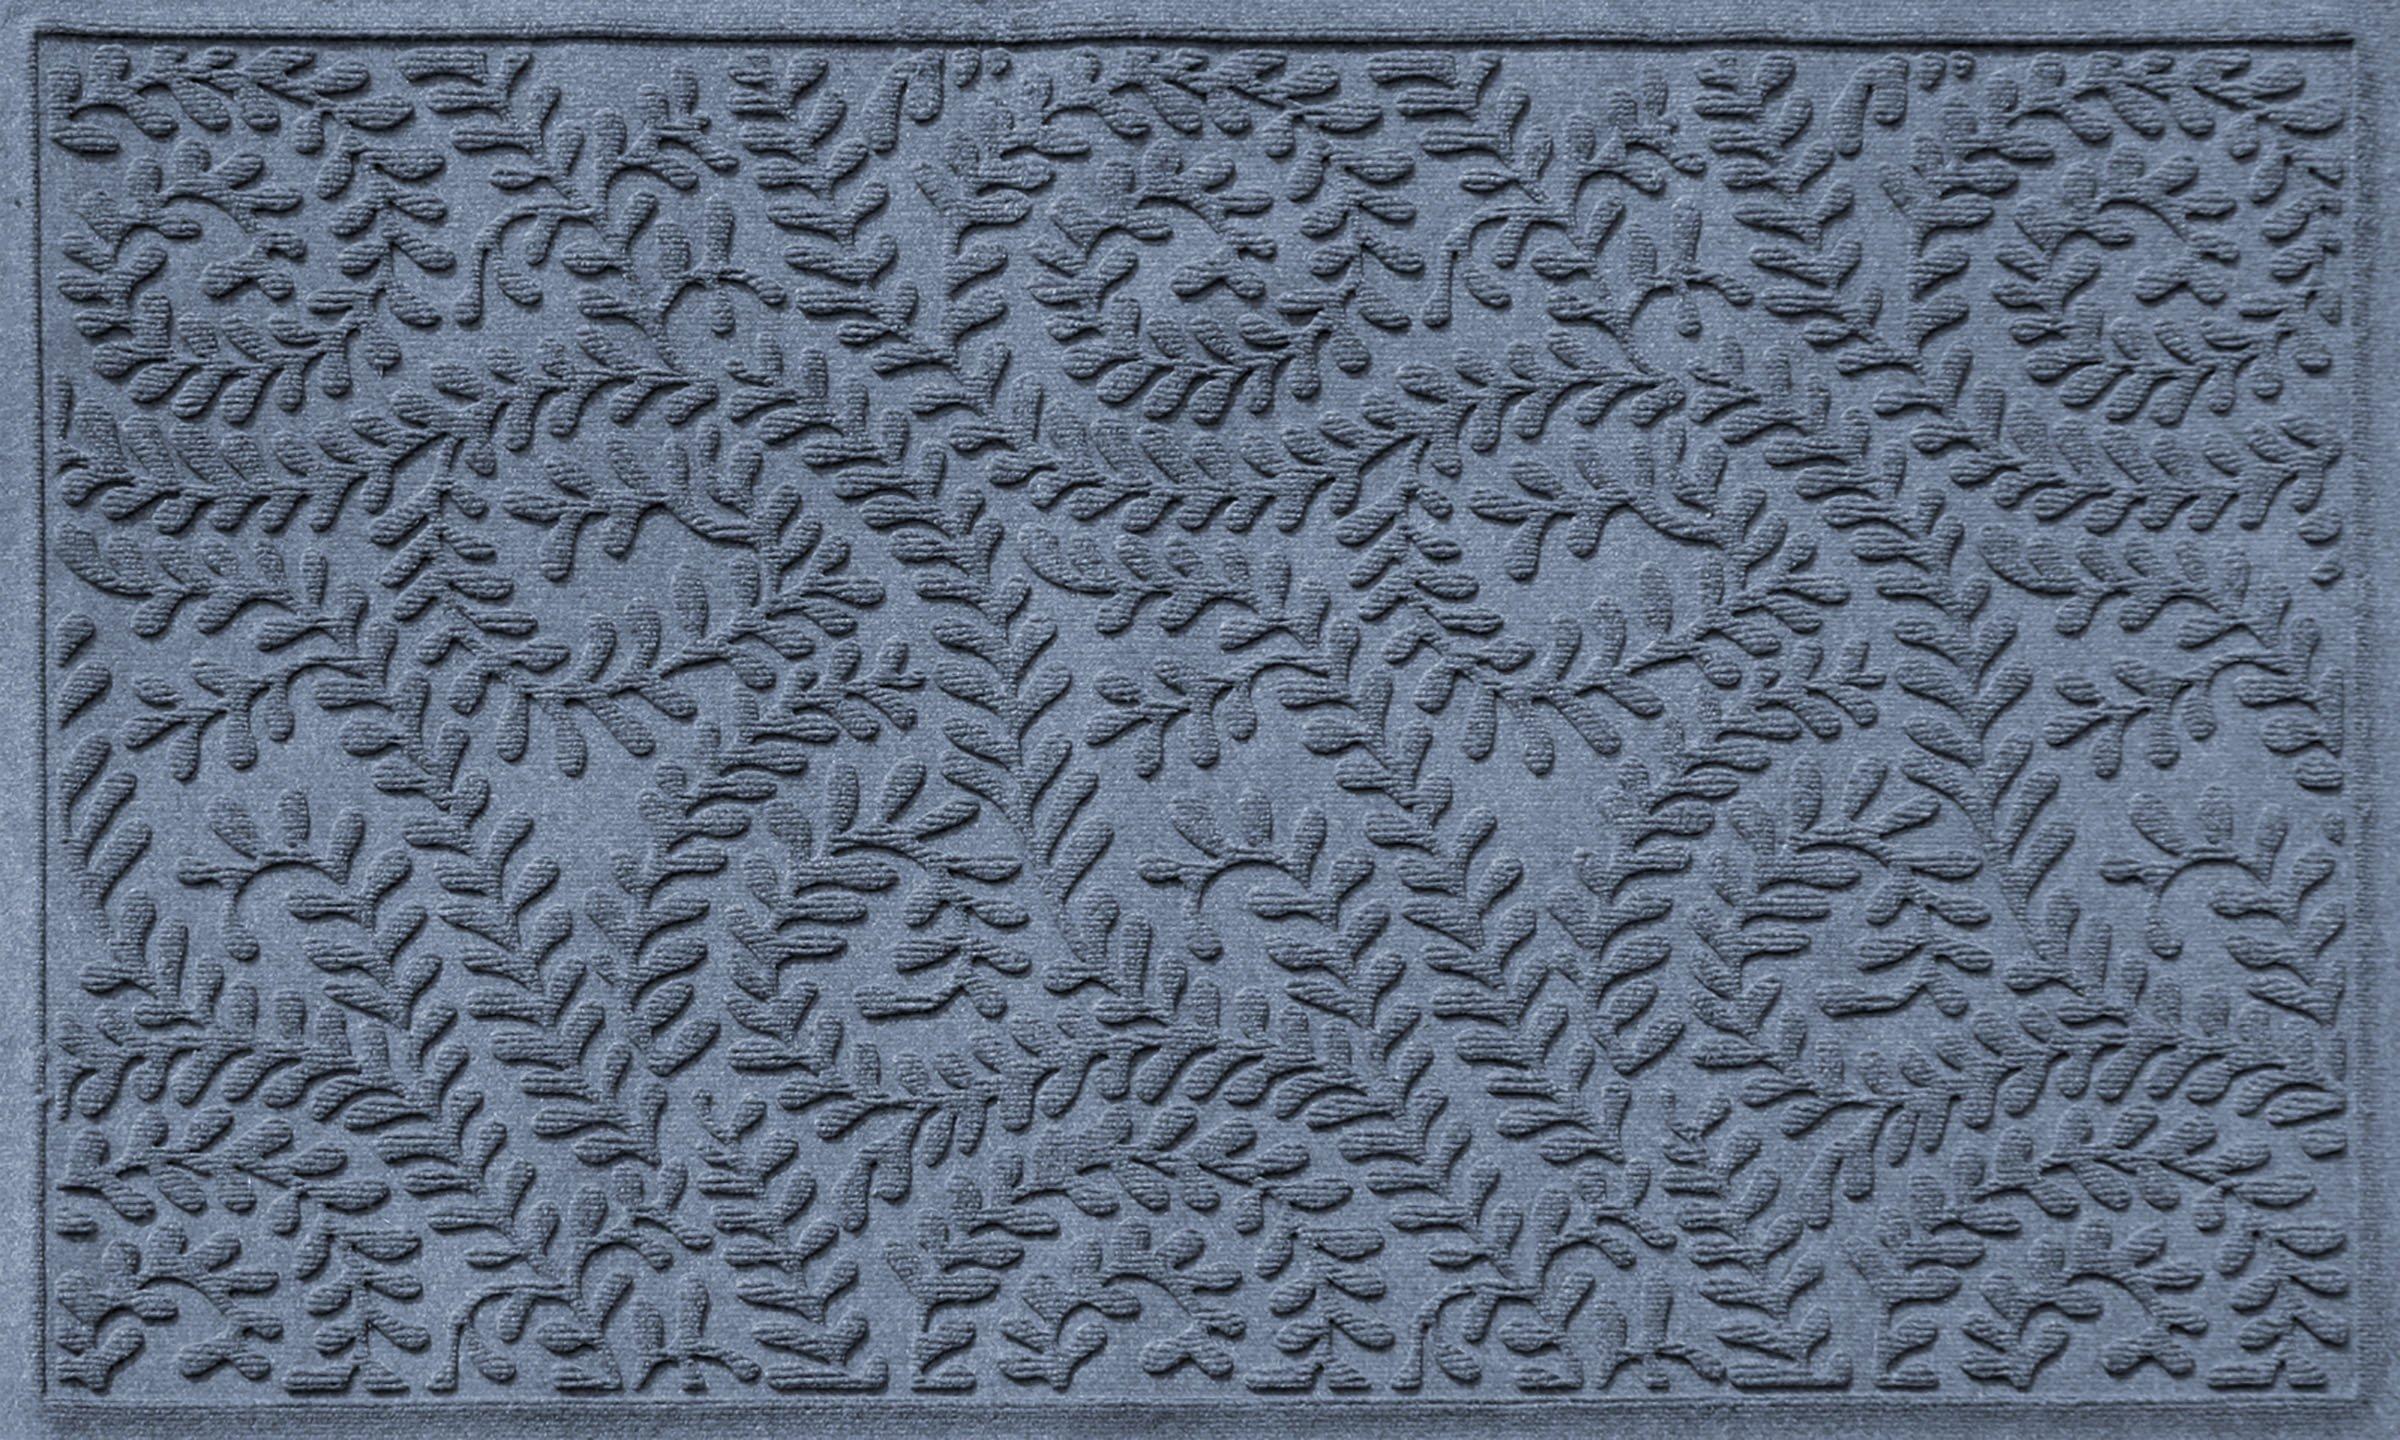 Bungalow Flooring Waterhog Indoor/Outdoor Doormat, 3' x 5', Skid Resistant, Easy to Clean, Catches Water and Debris, Boxwood Collection, Bluestone